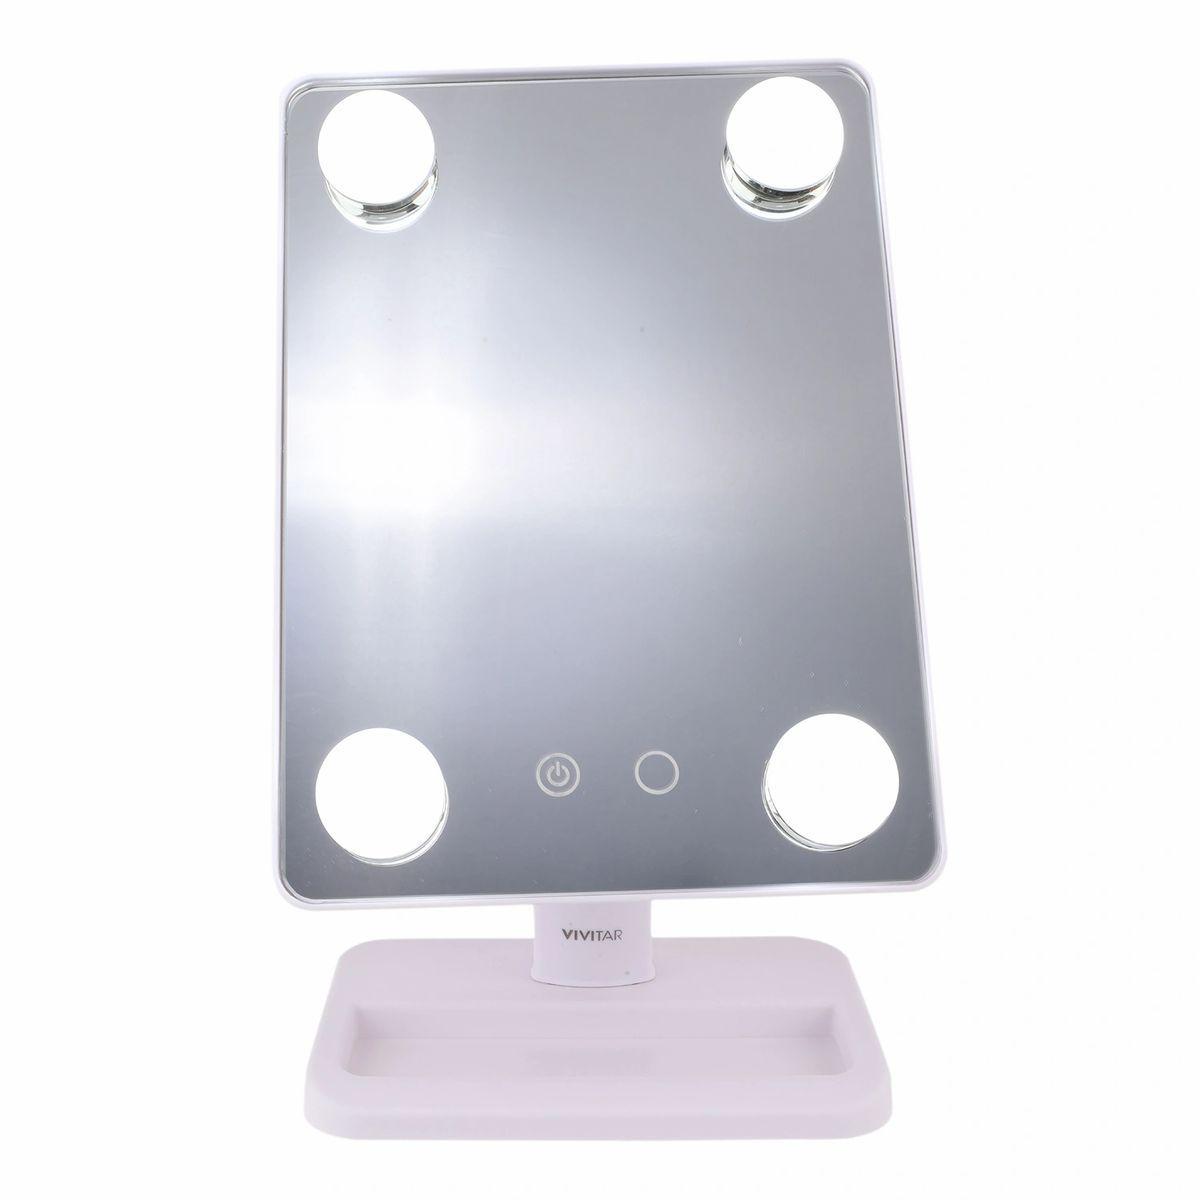 espejo portatil vivitar con luz calida y blanca hollywood 1